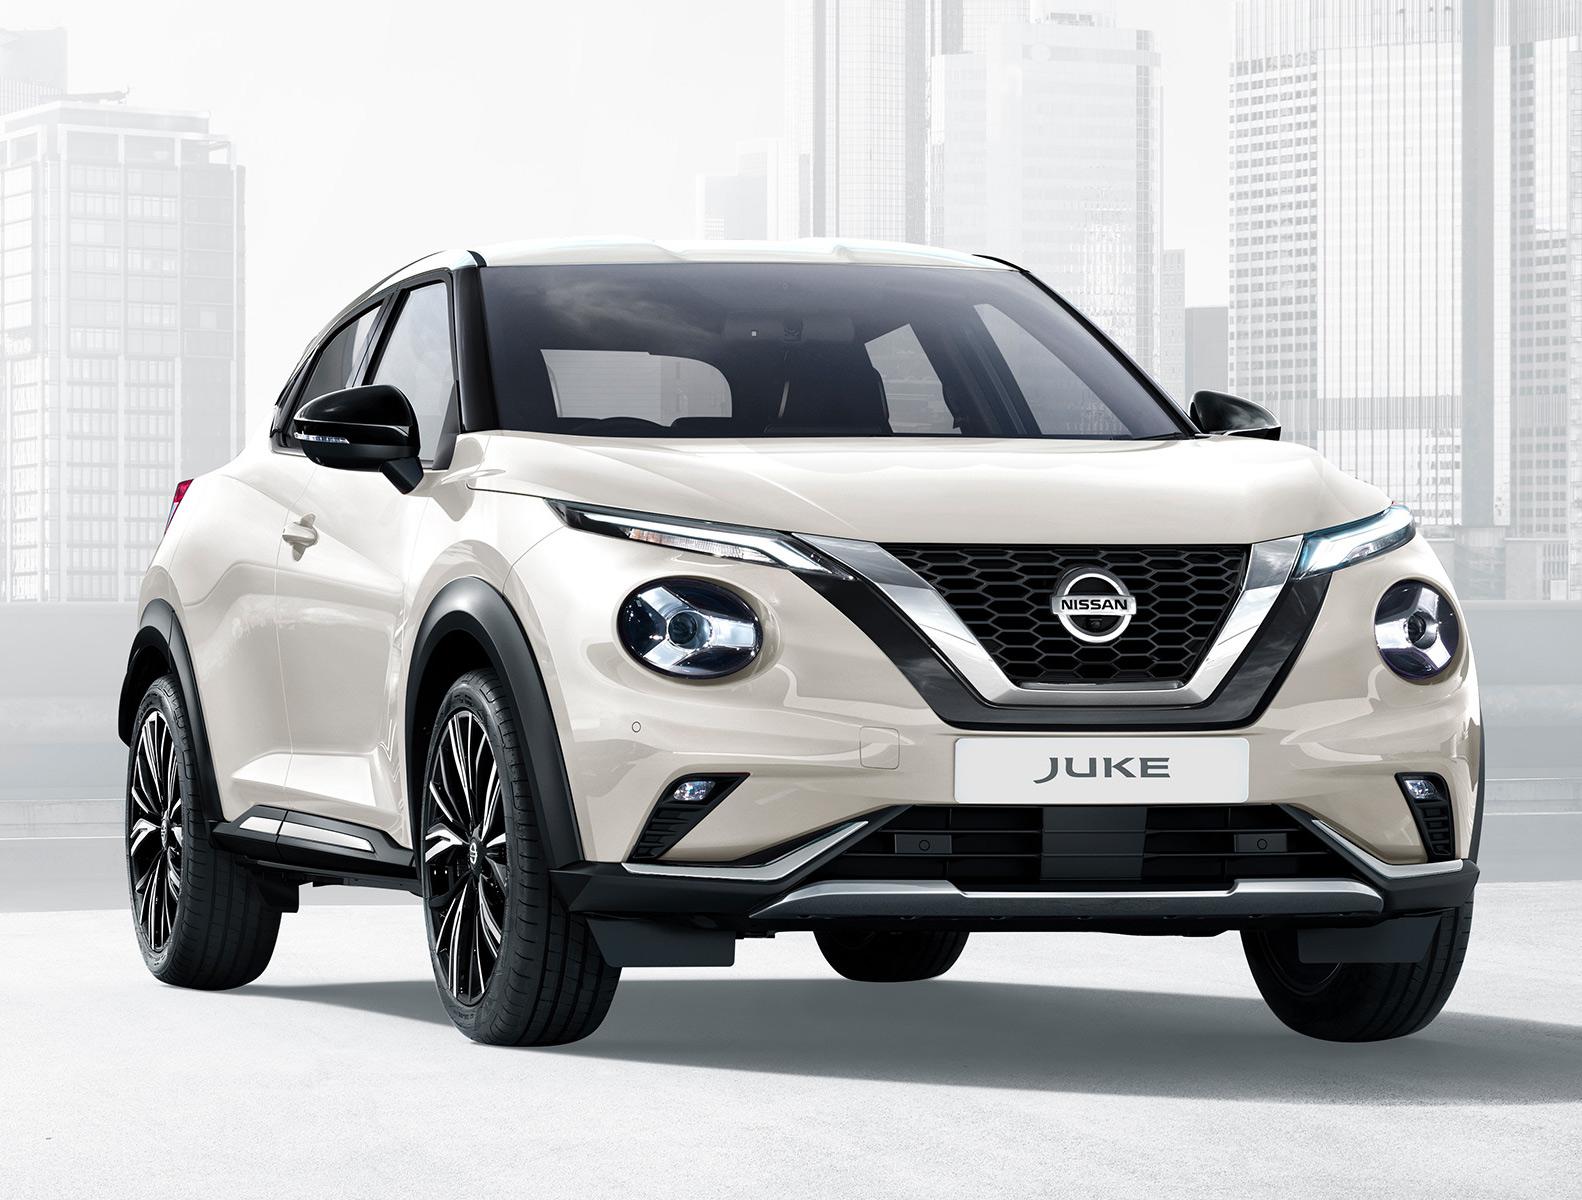 peças do Nissan Juke